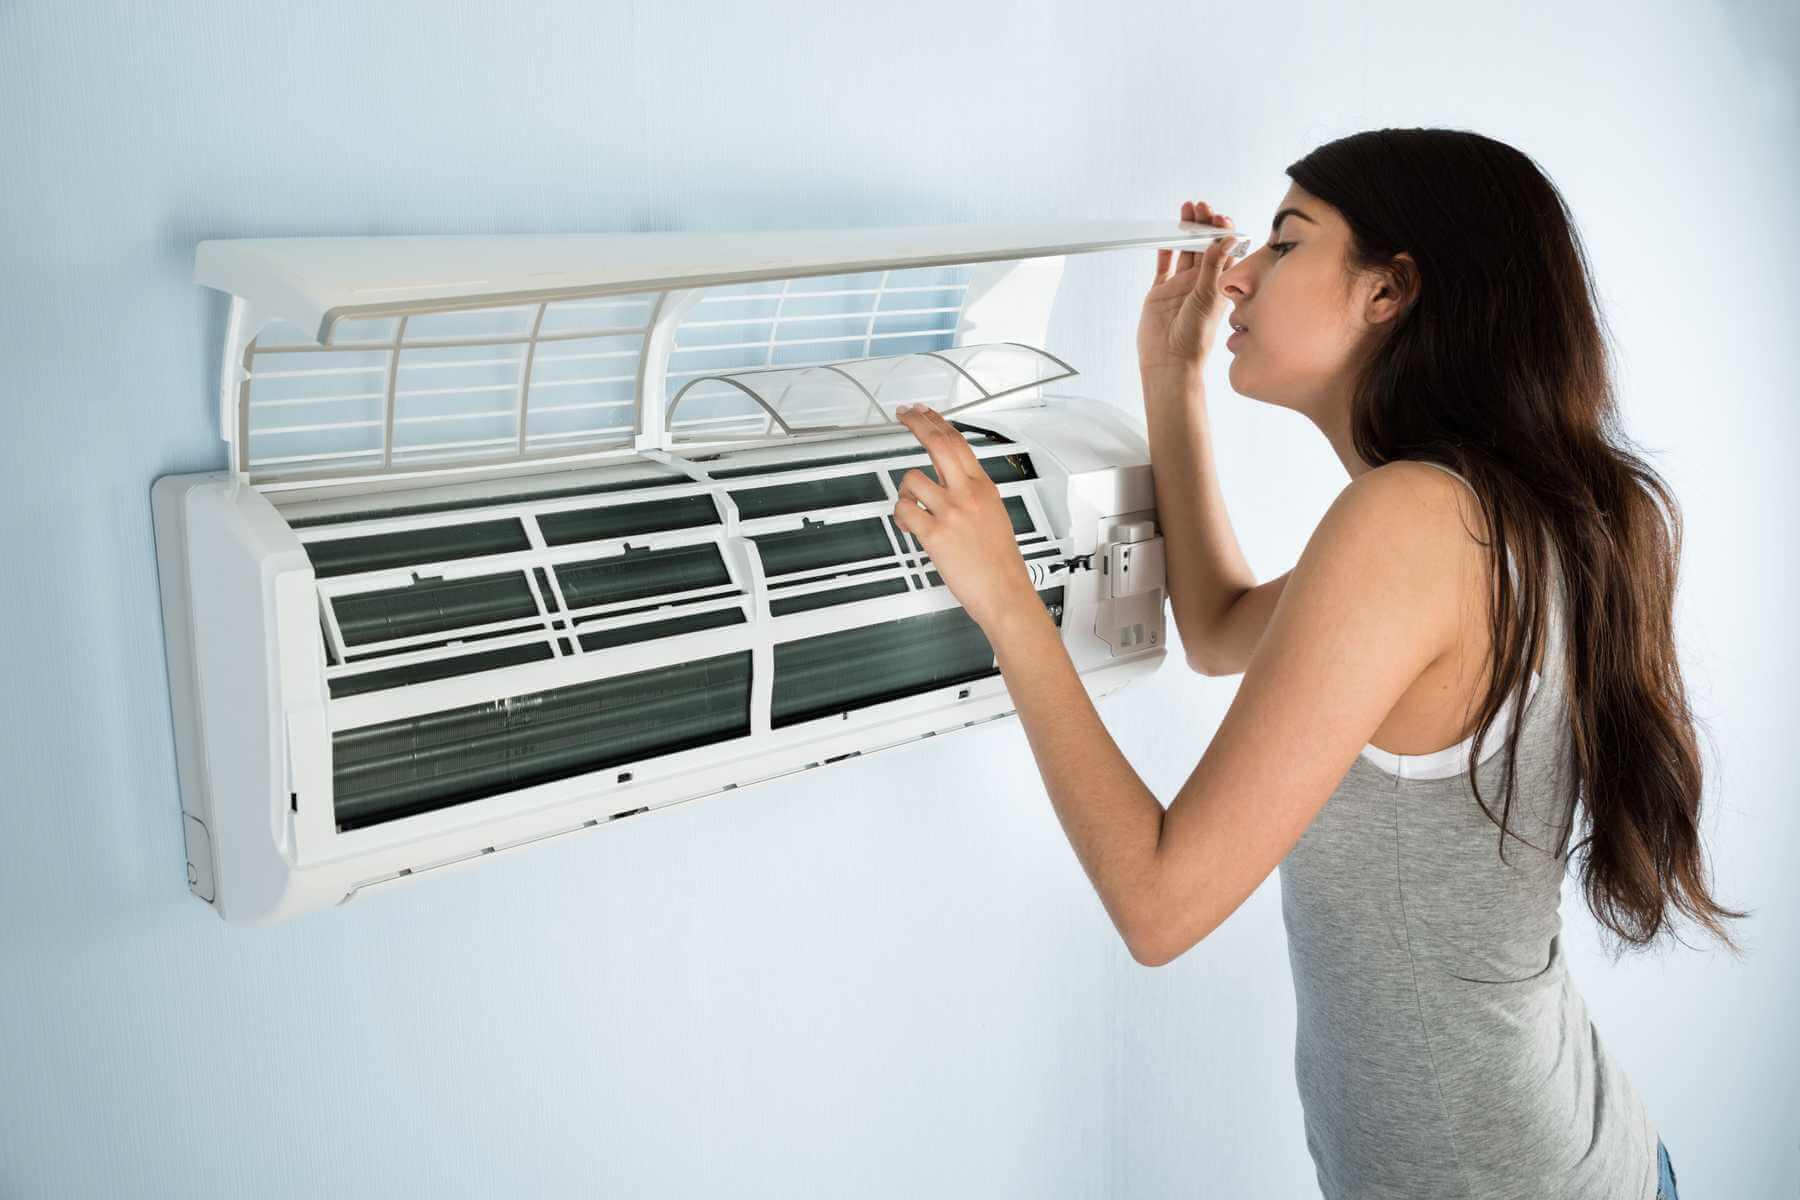 sửa máy lạnh quận Bình Tân giá rẻ